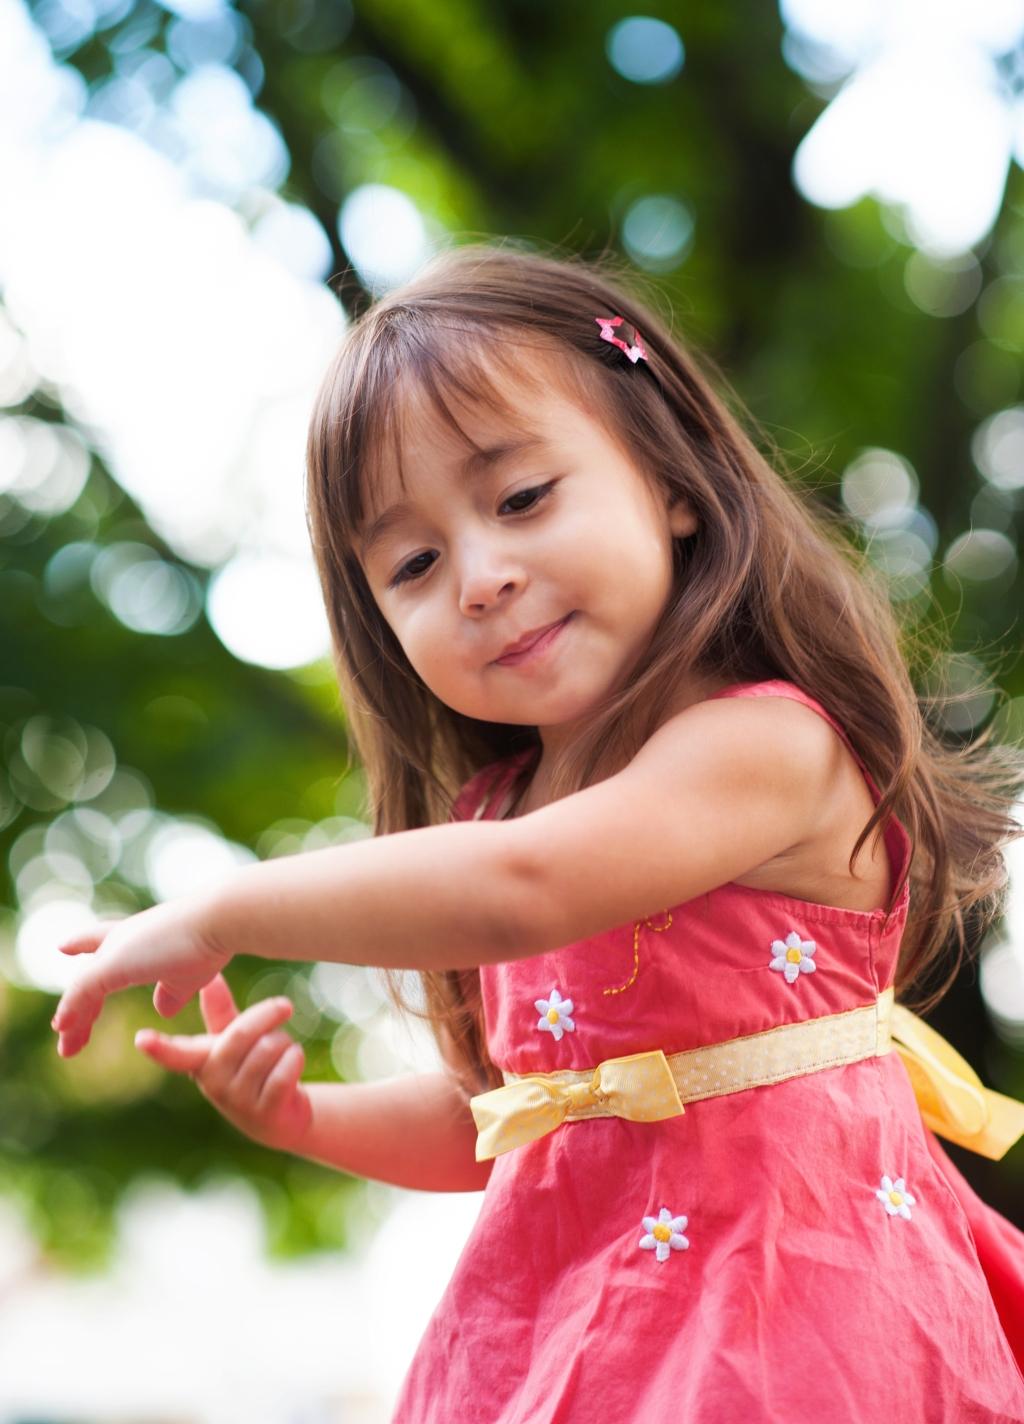 mhaynesphoto_childrensphotography_j5